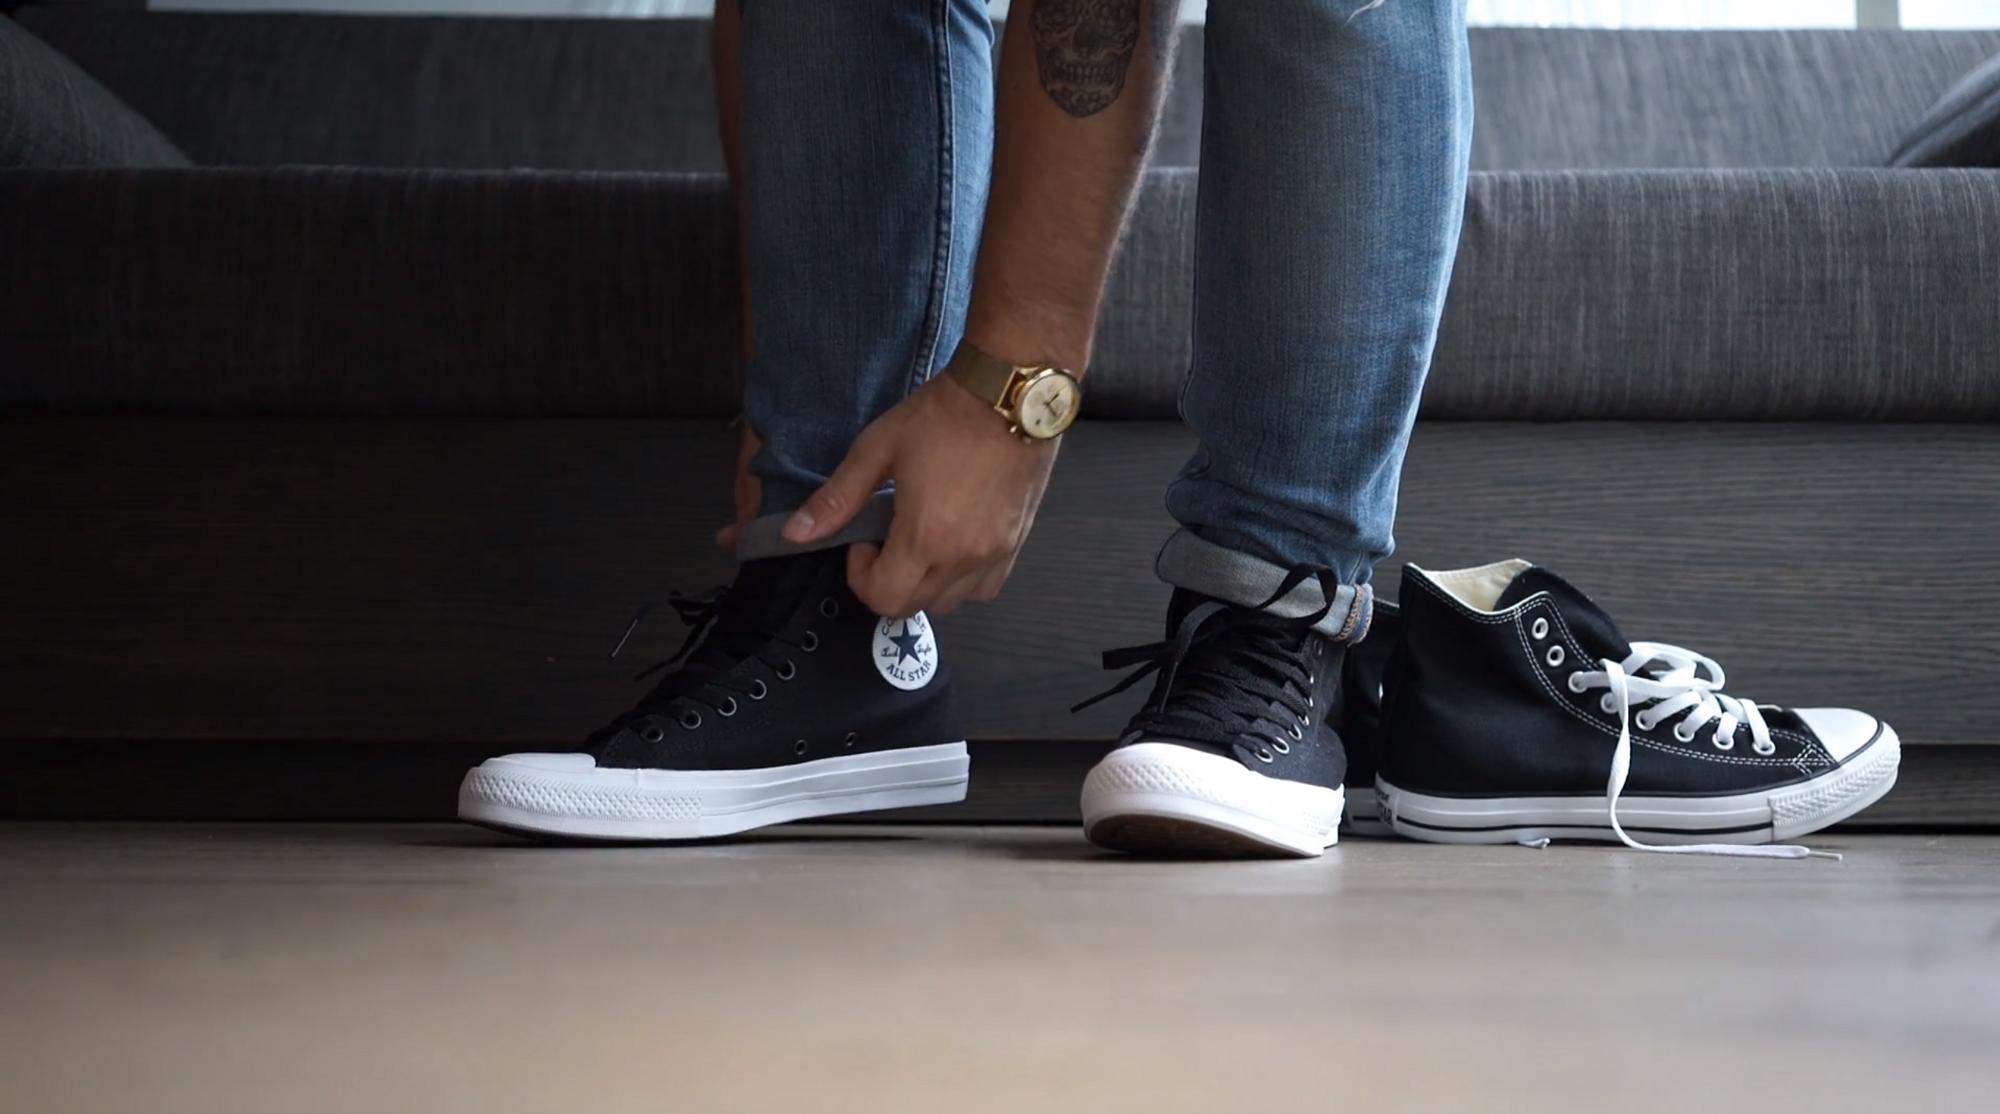 mężczyzna zakładający czarne buty converse